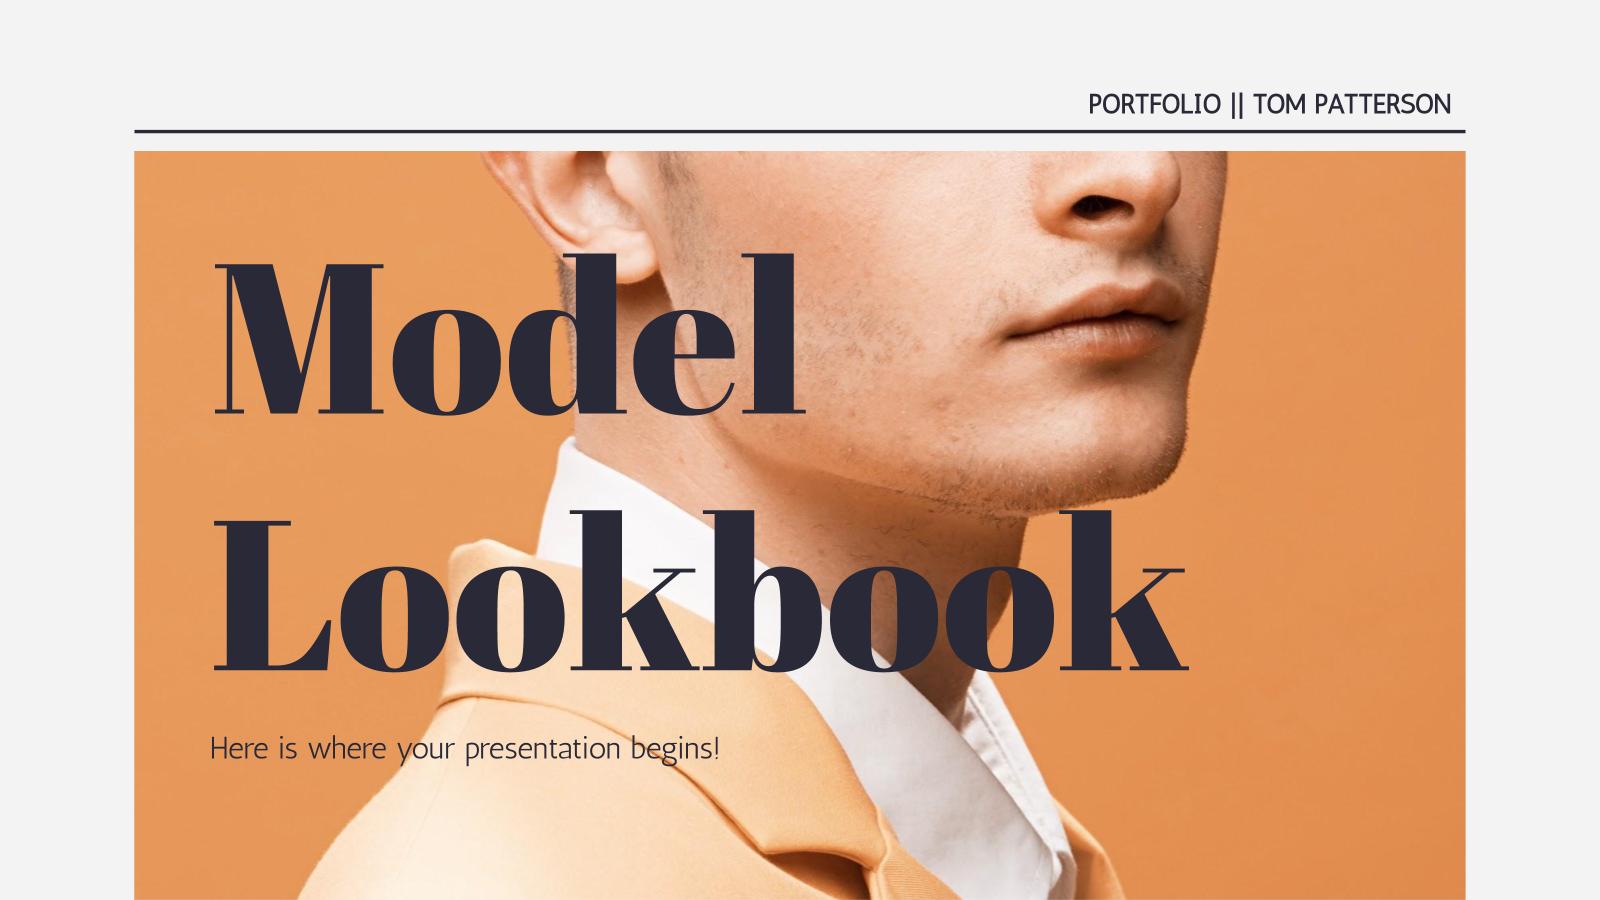 Plantilla de presentación Lookbook profesional